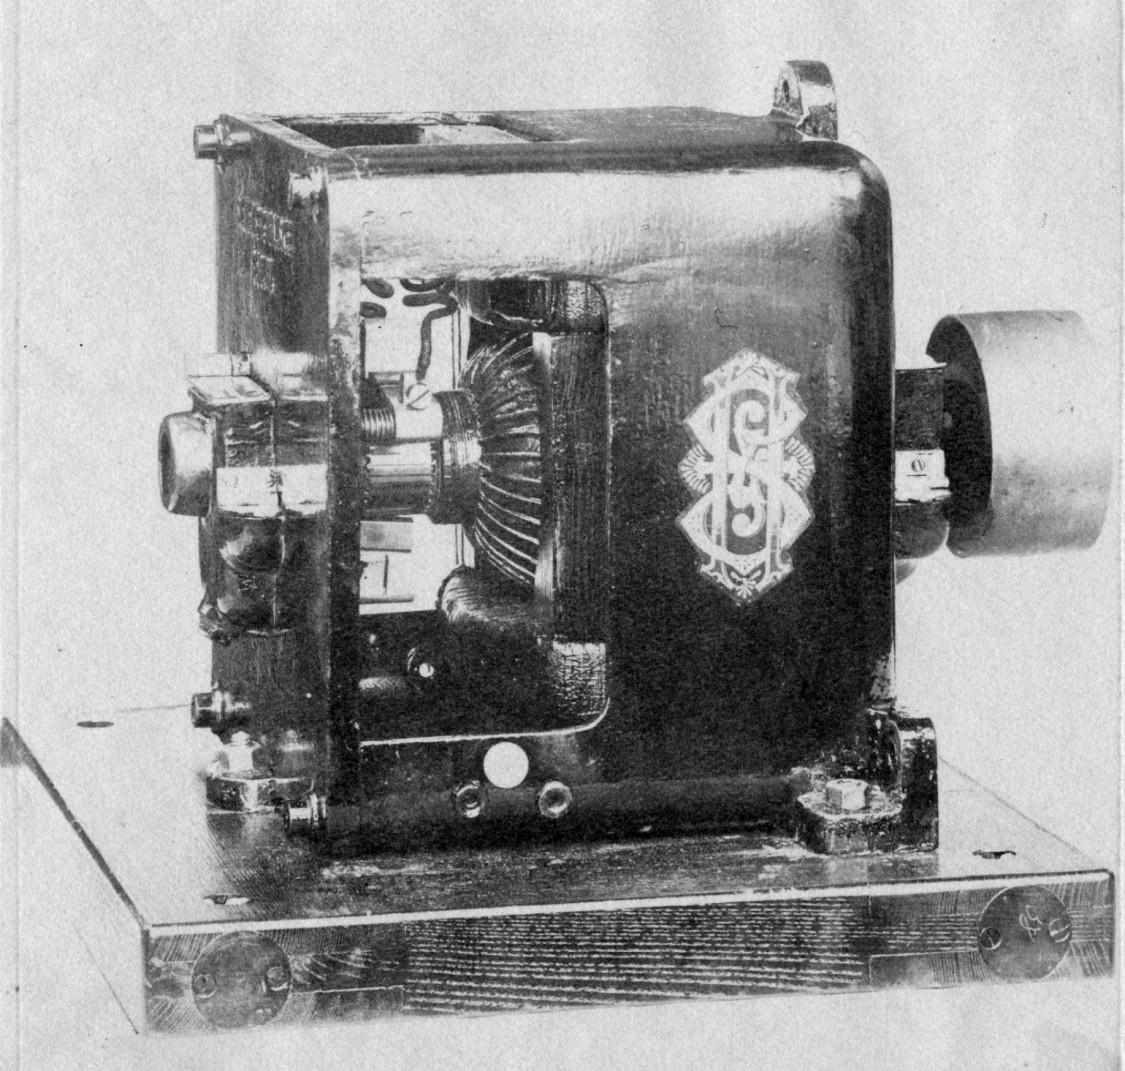 Nur für Insider entzifferbar – Firmenzeichen von S&H auf einem Elektromotor, ca. 1894